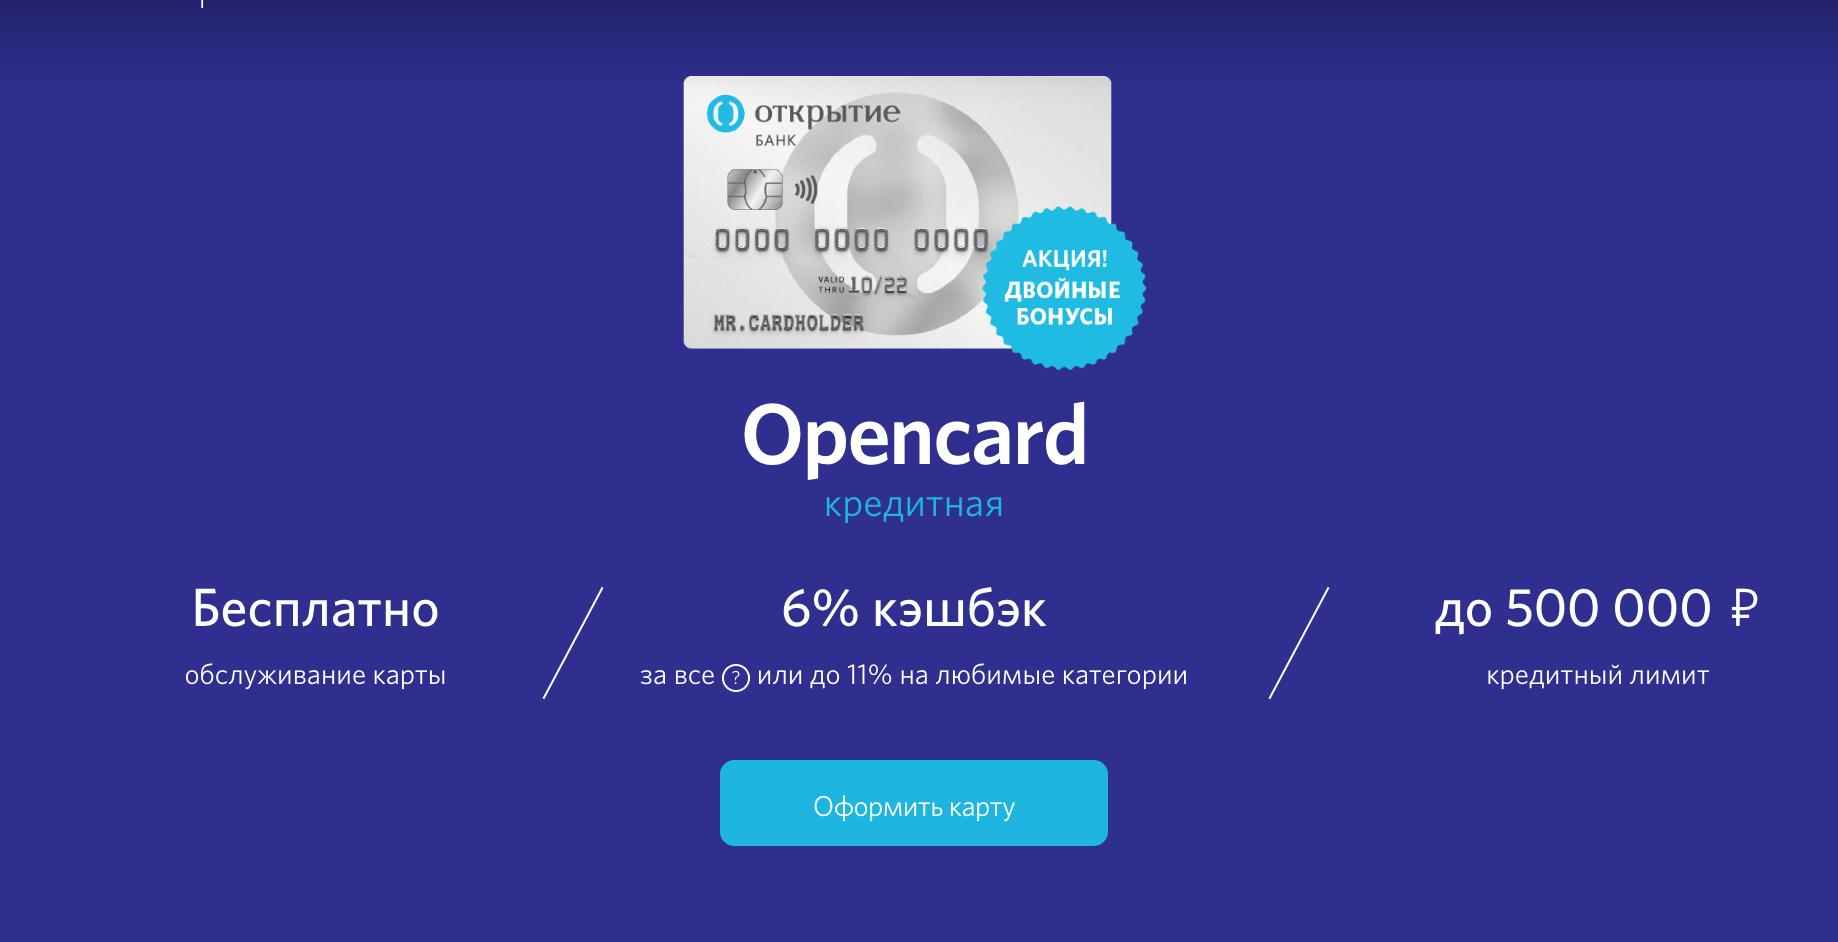 кредитная карта банка открытие проценты максимальные